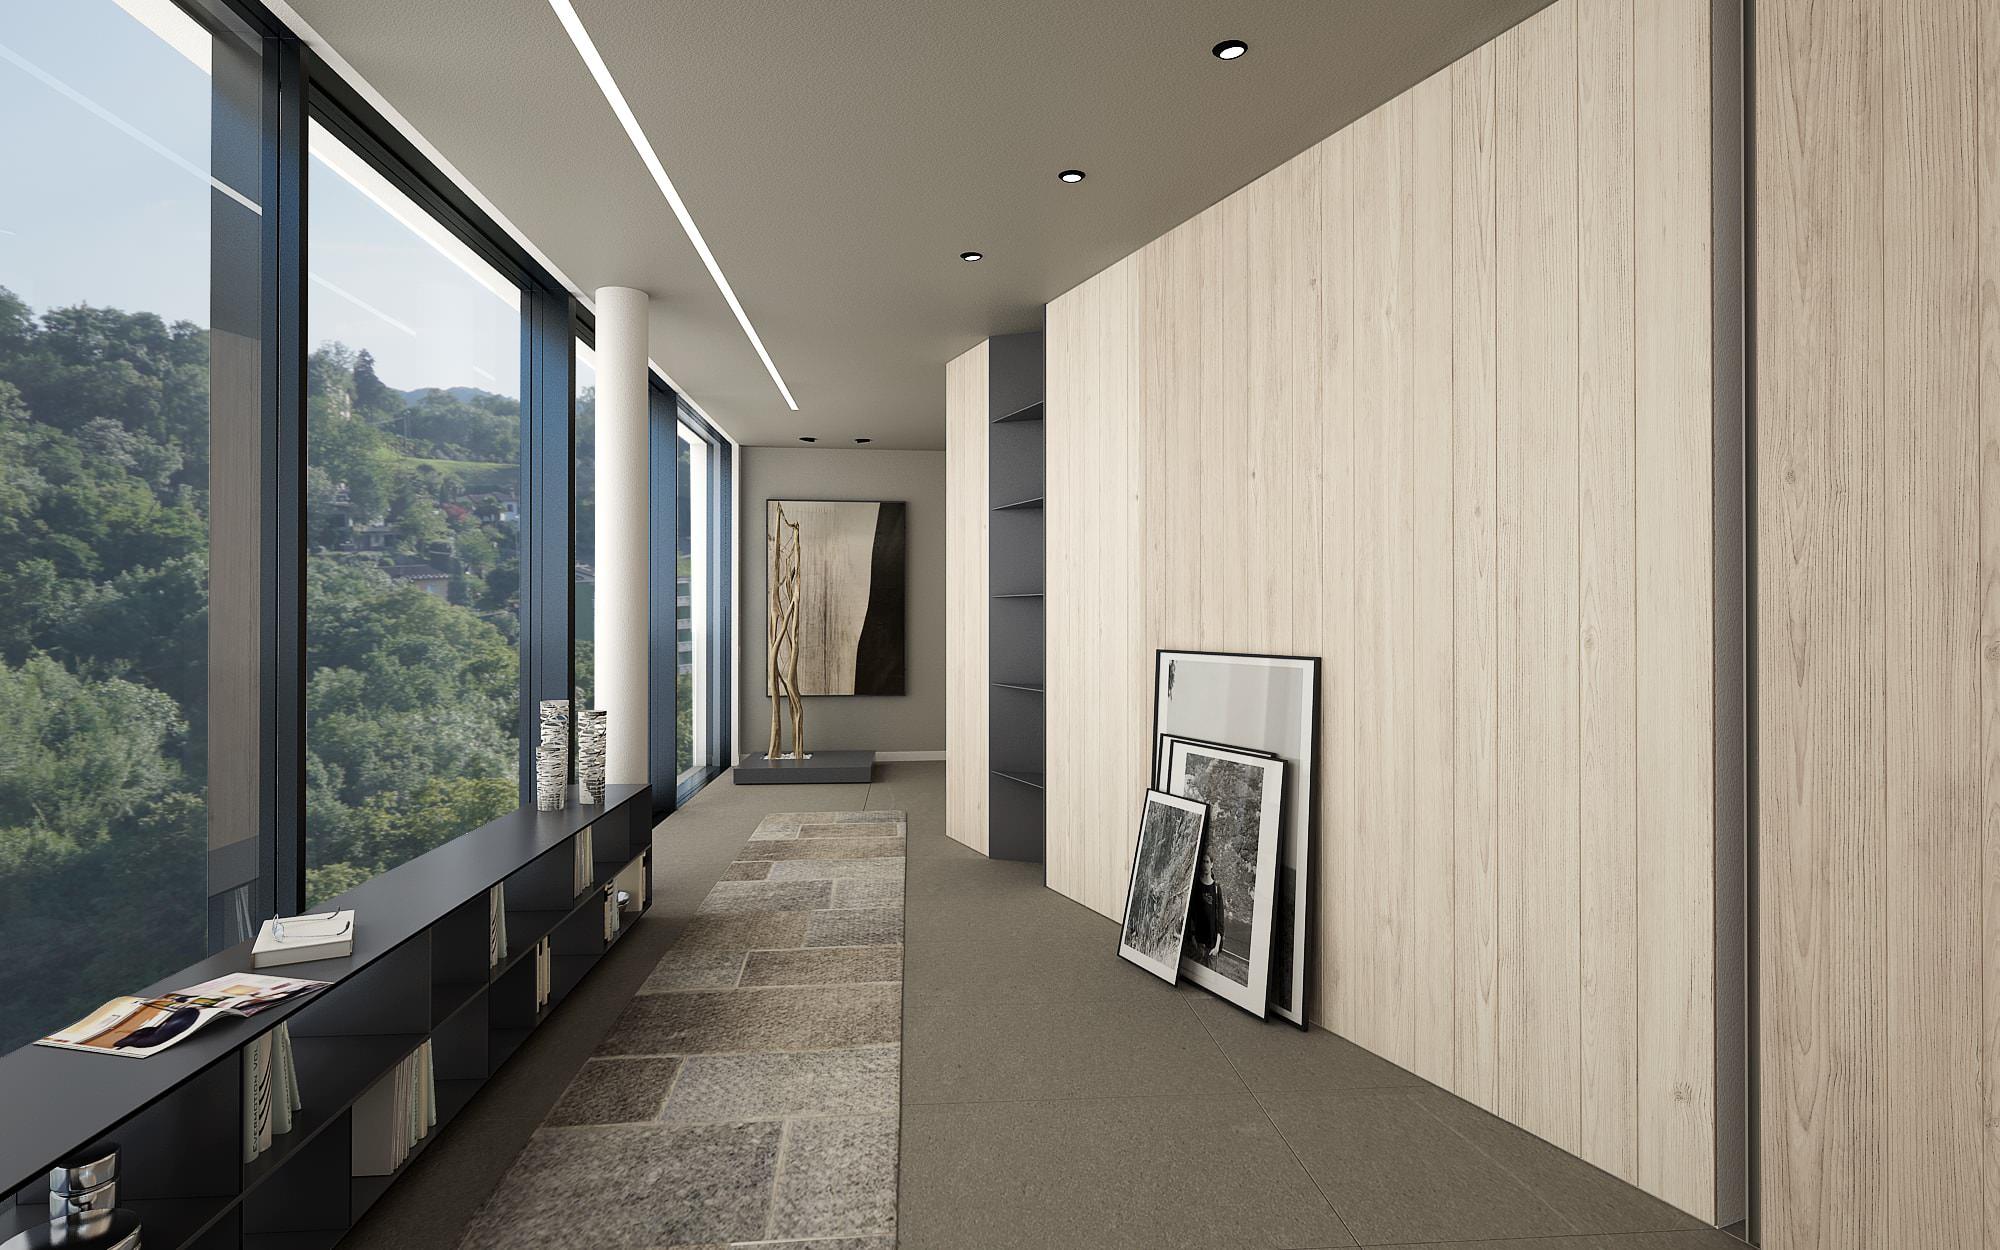 Corridoio attico design Lugano Ticino Svizzera